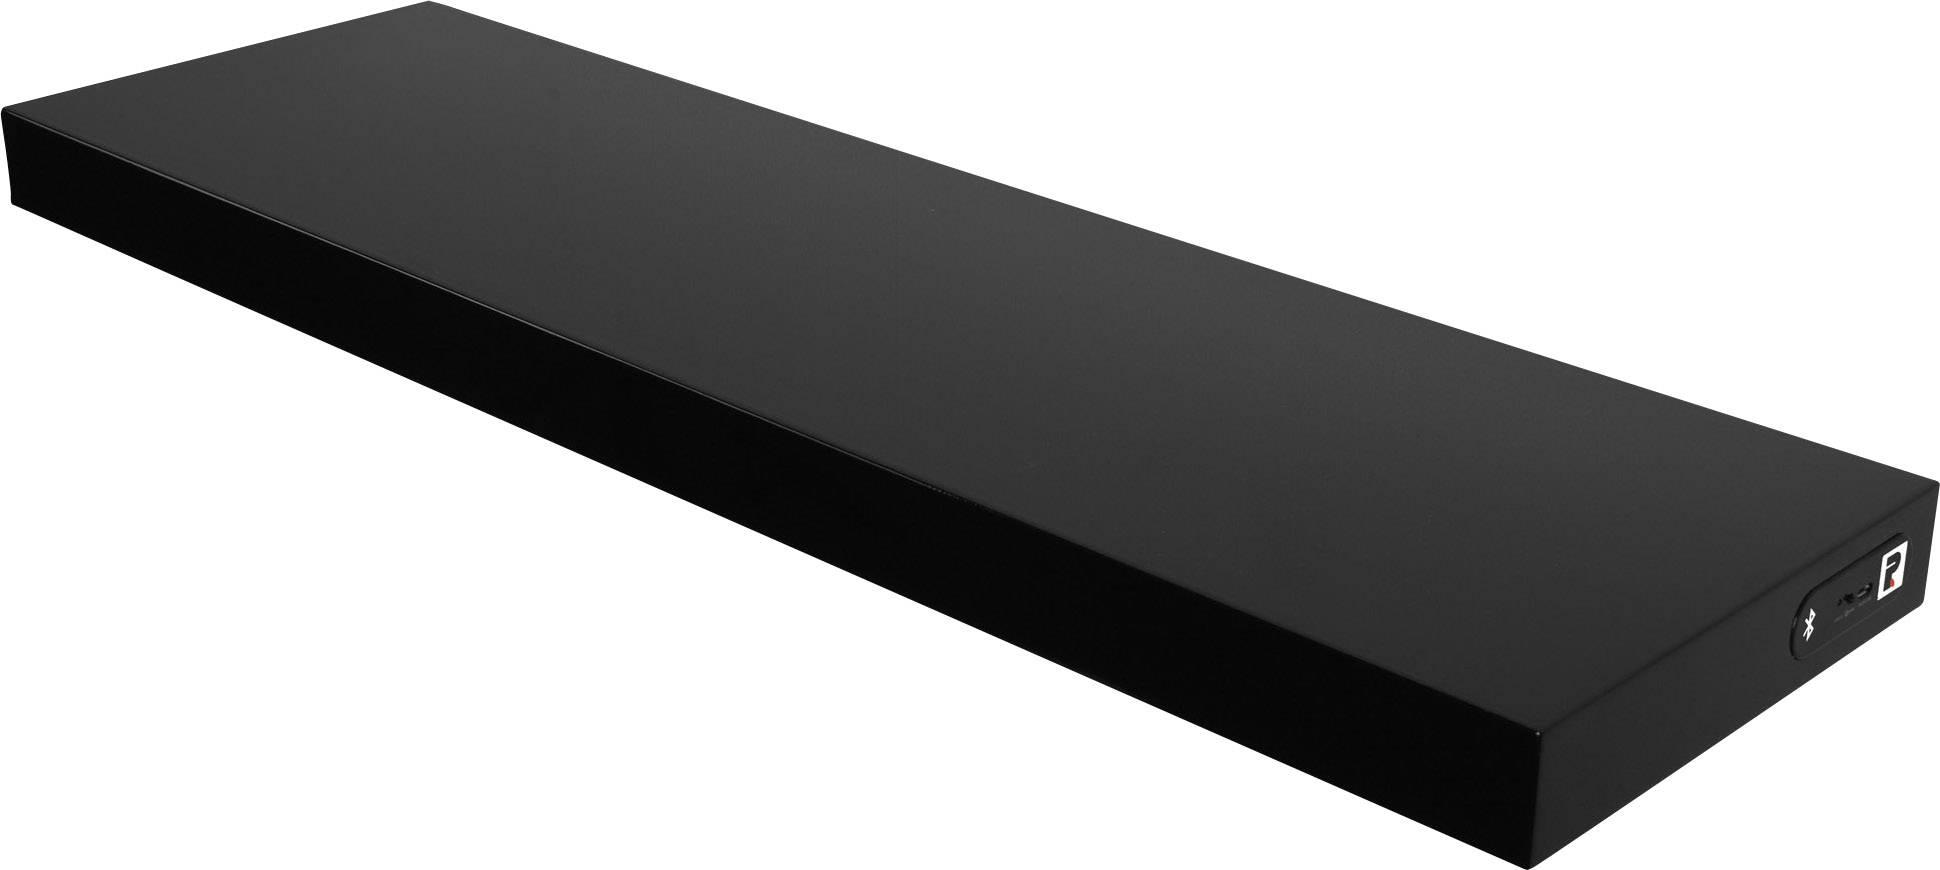 Bluetooth reproduktor ako polička na stenu Duraline čierna